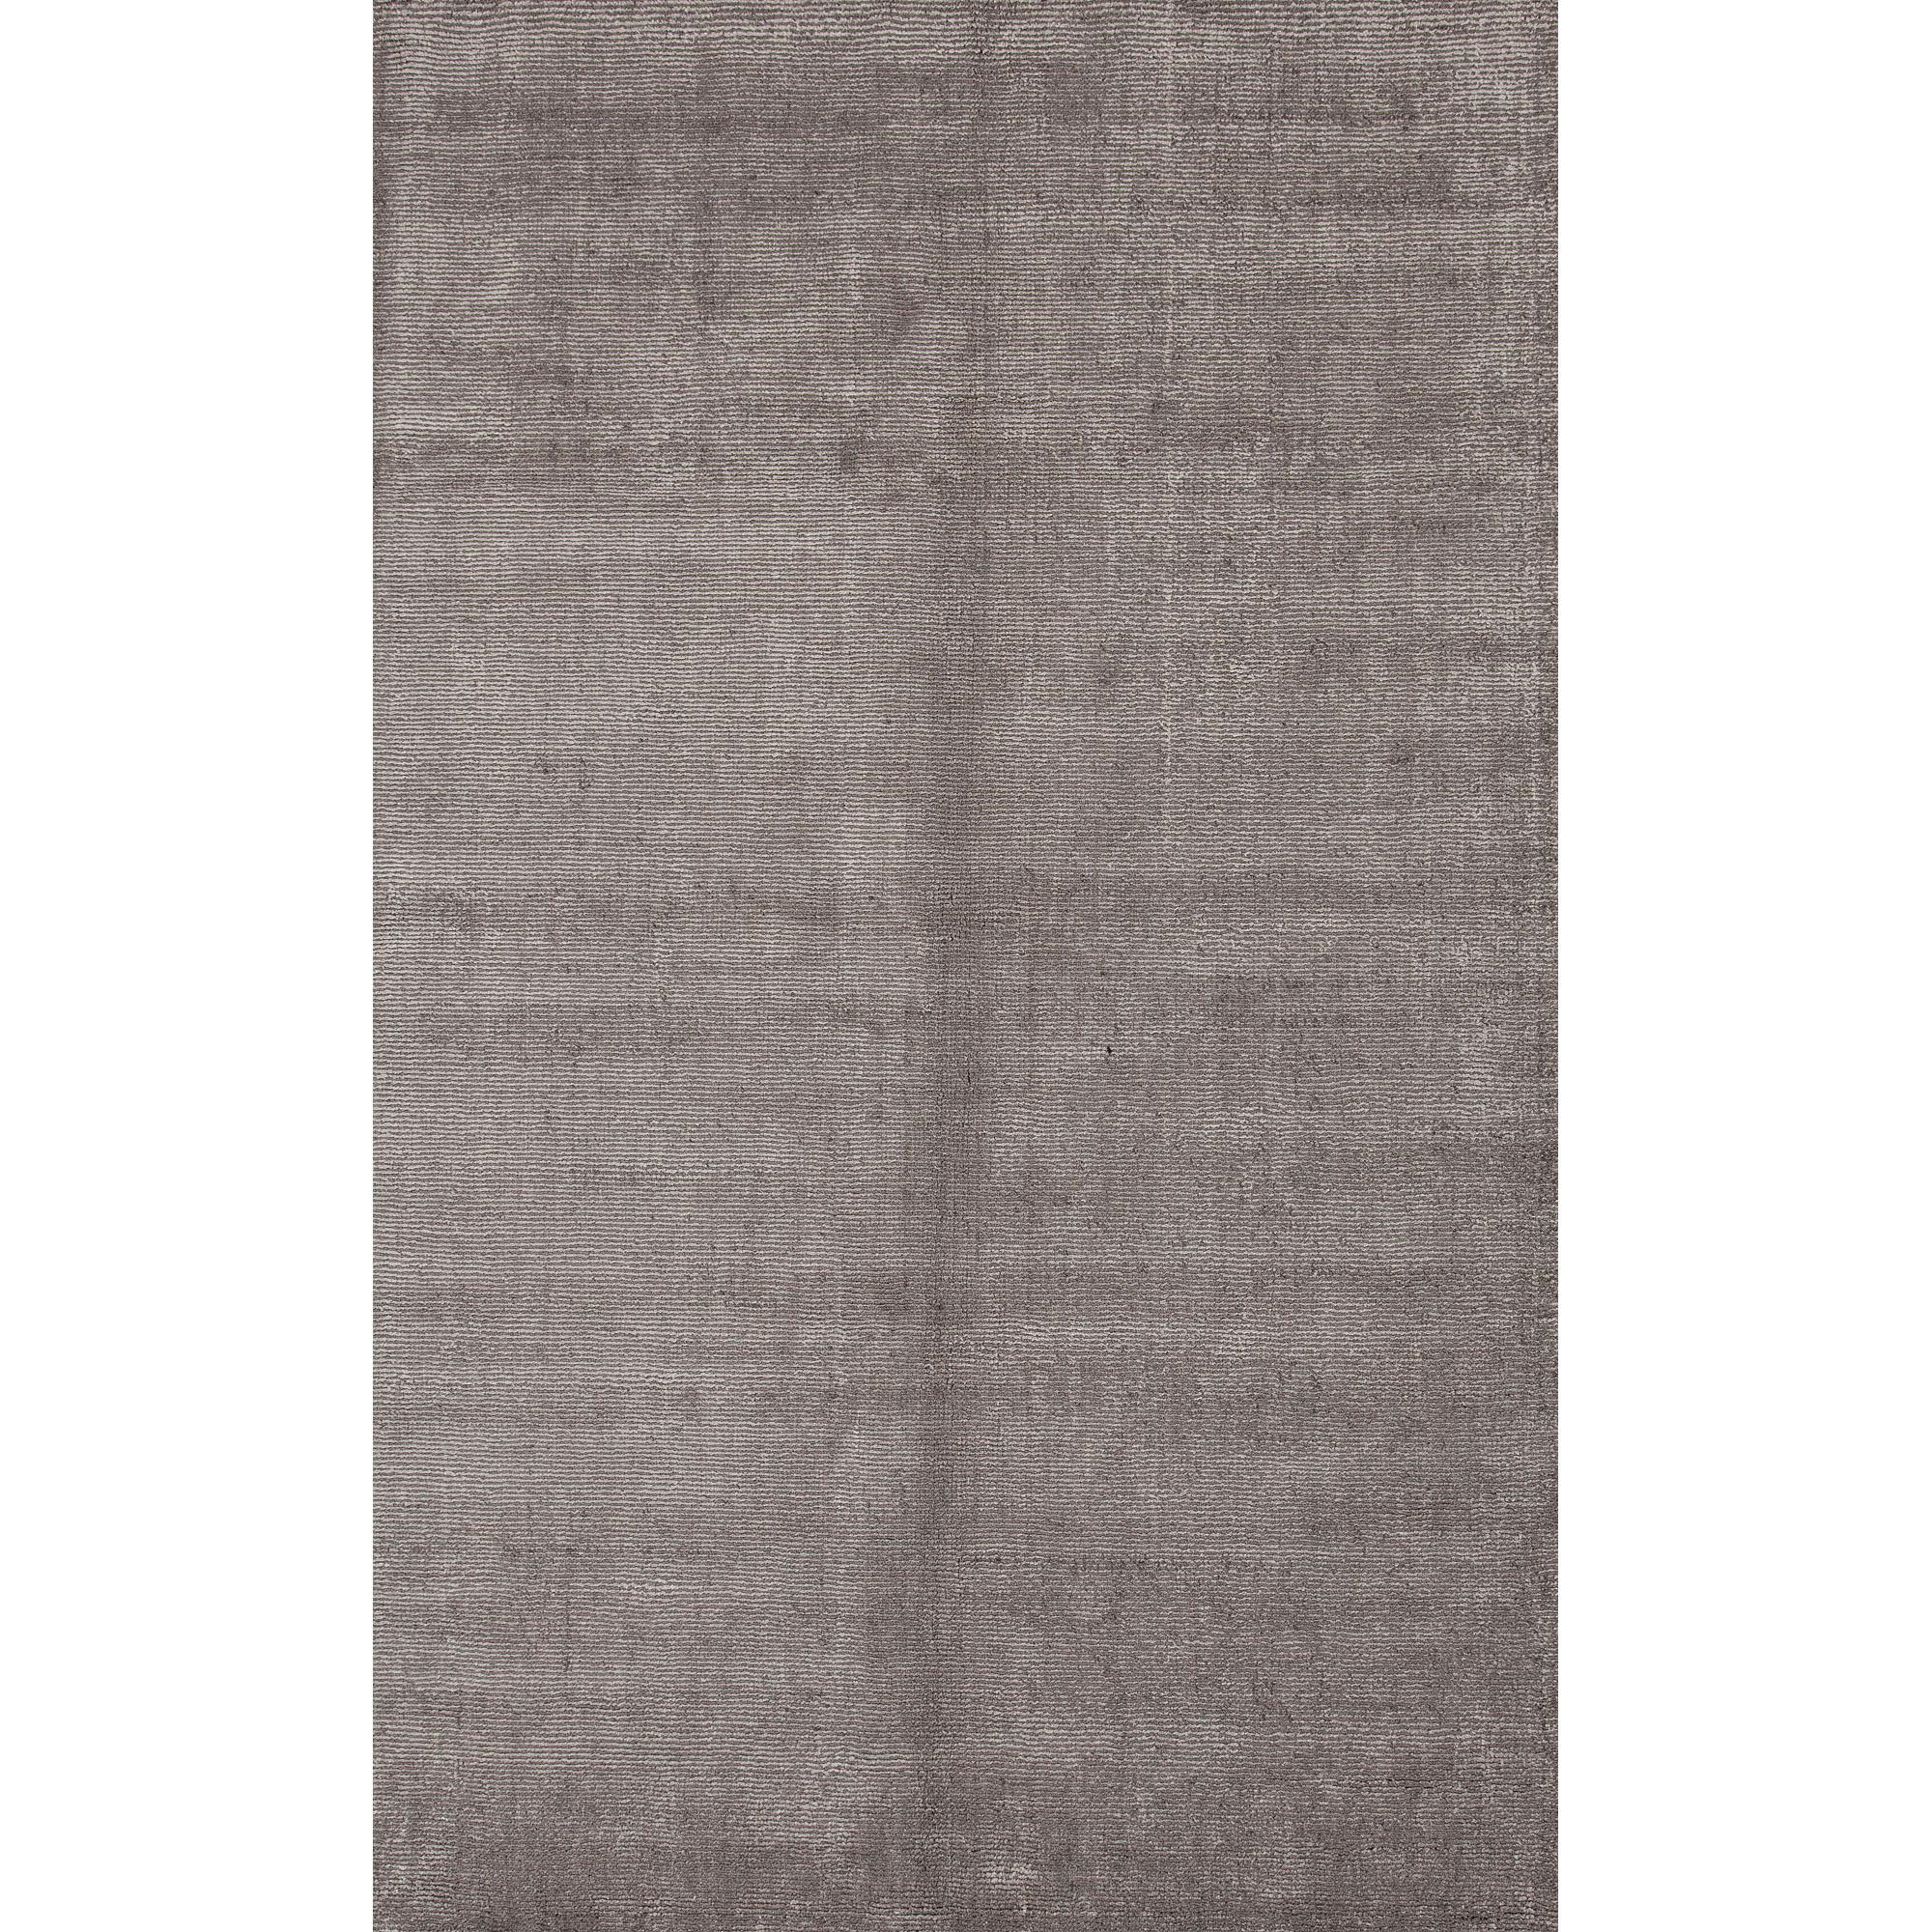 JAIPUR Rugs Konstrukt 2 x 3 Rug - Item Number: RUG102377